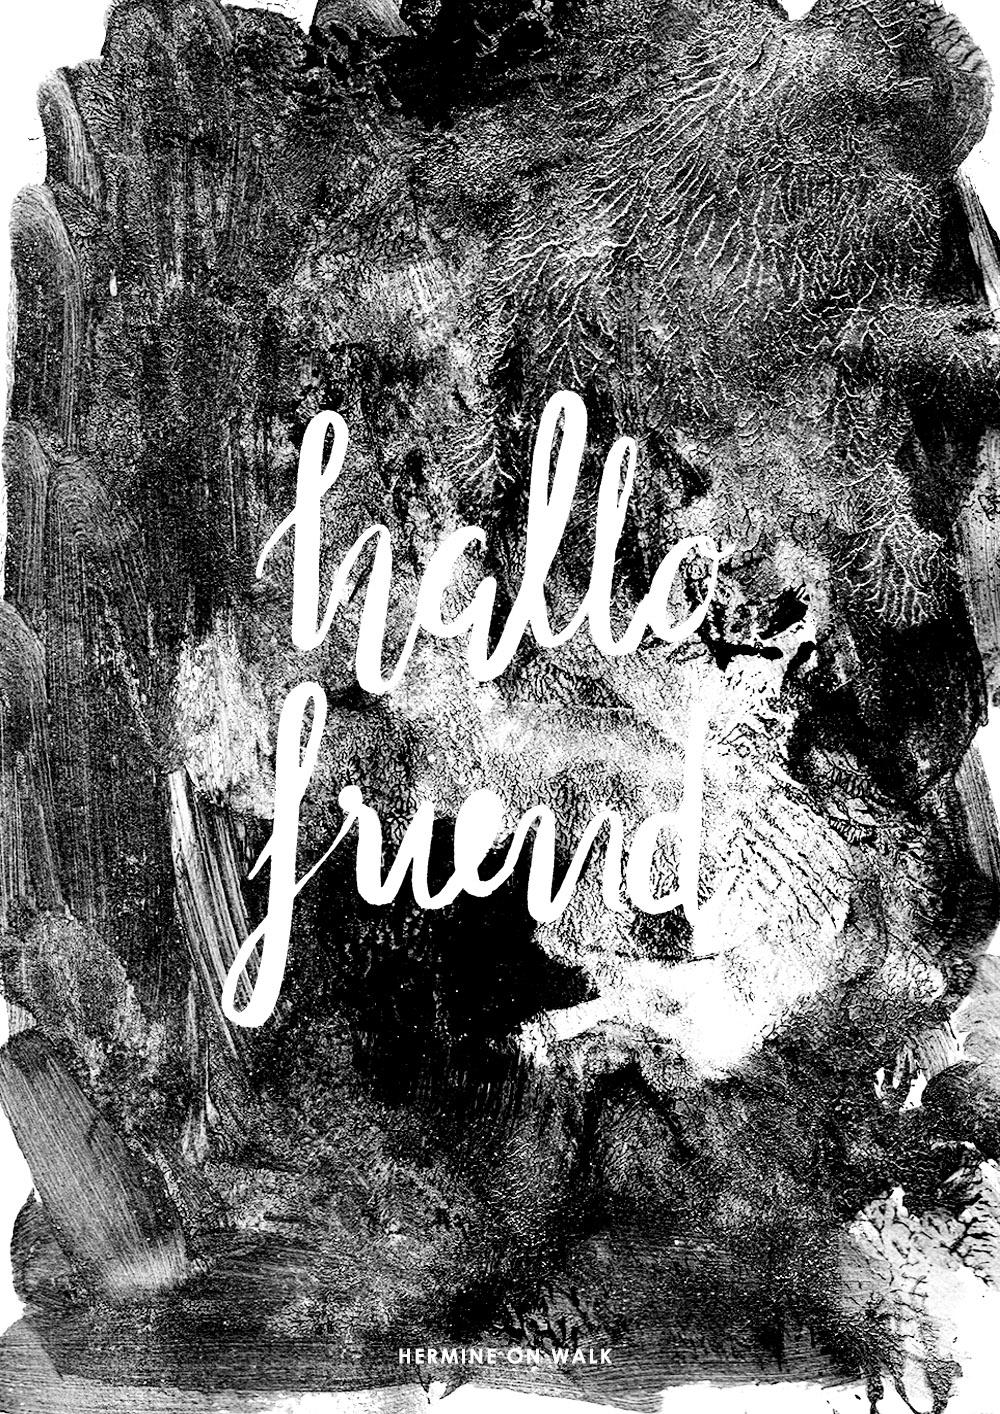 Erfahrt in einer ausführlichen Anleitung, wie ihr ein Handlettering erstellt. Außerdem gibt's meine Arbeiten und viel Inspiration zu sehen. Schaut vorbei! Hermine on walk | Graphic Design | Fonts | Quotes